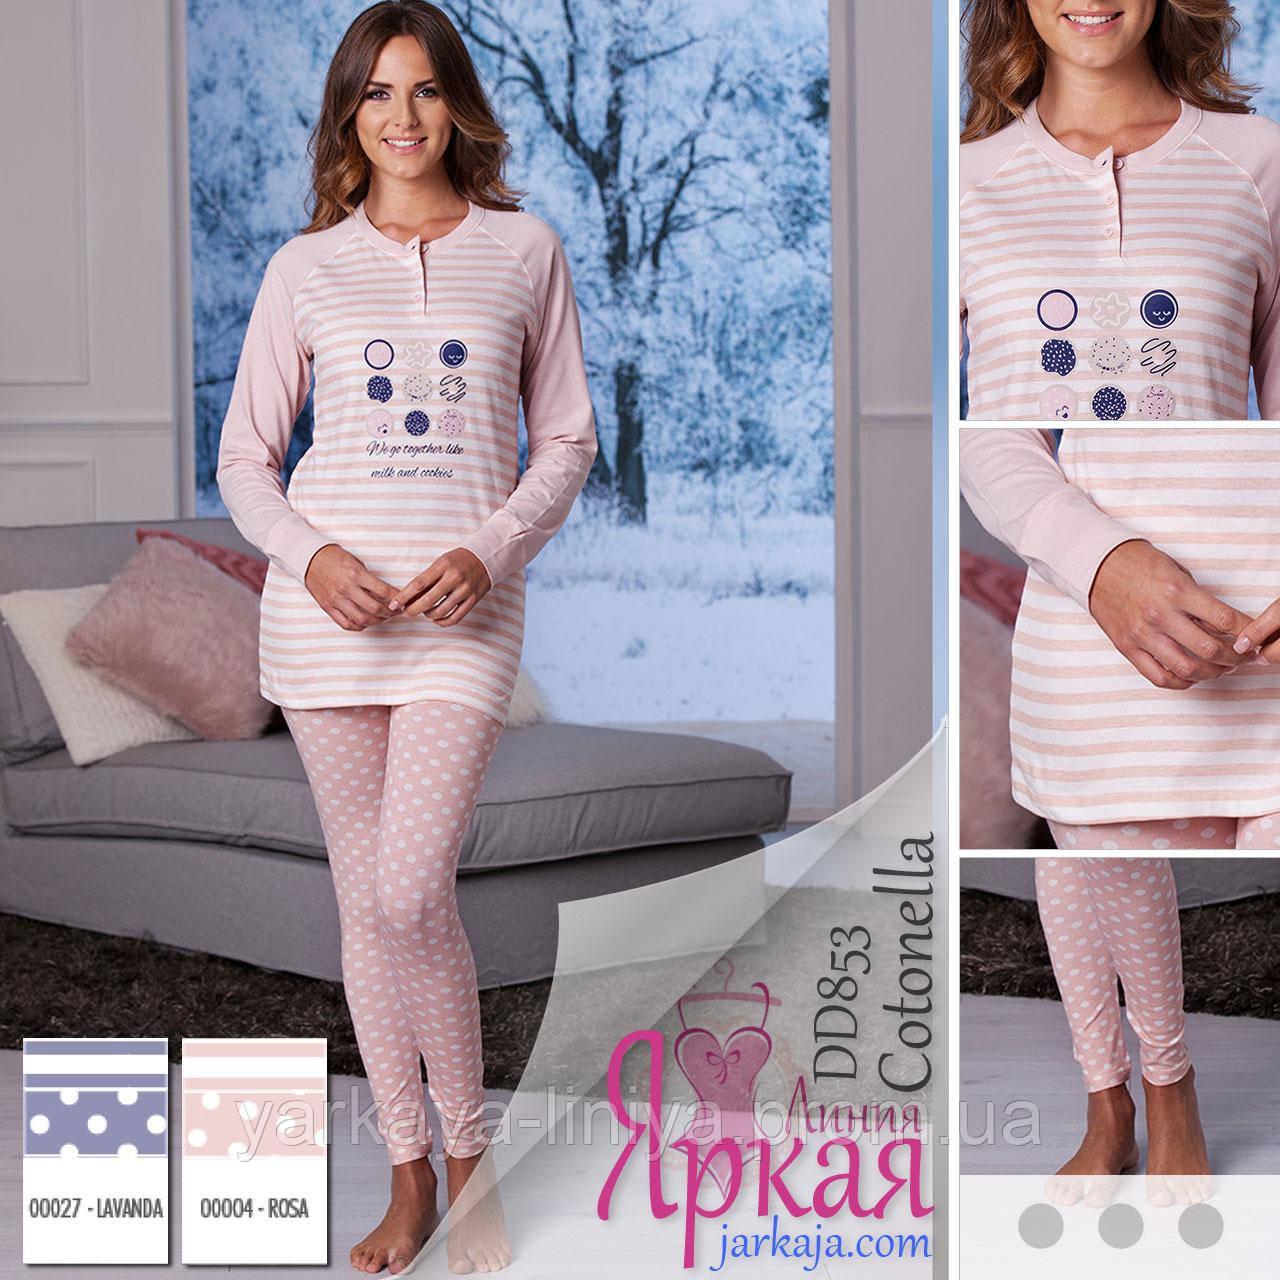 d9967fdf433ed85 Пижама женская хлопок. Домашняя одежда для женщин Cotonella™ - Товары и  услуги для життя